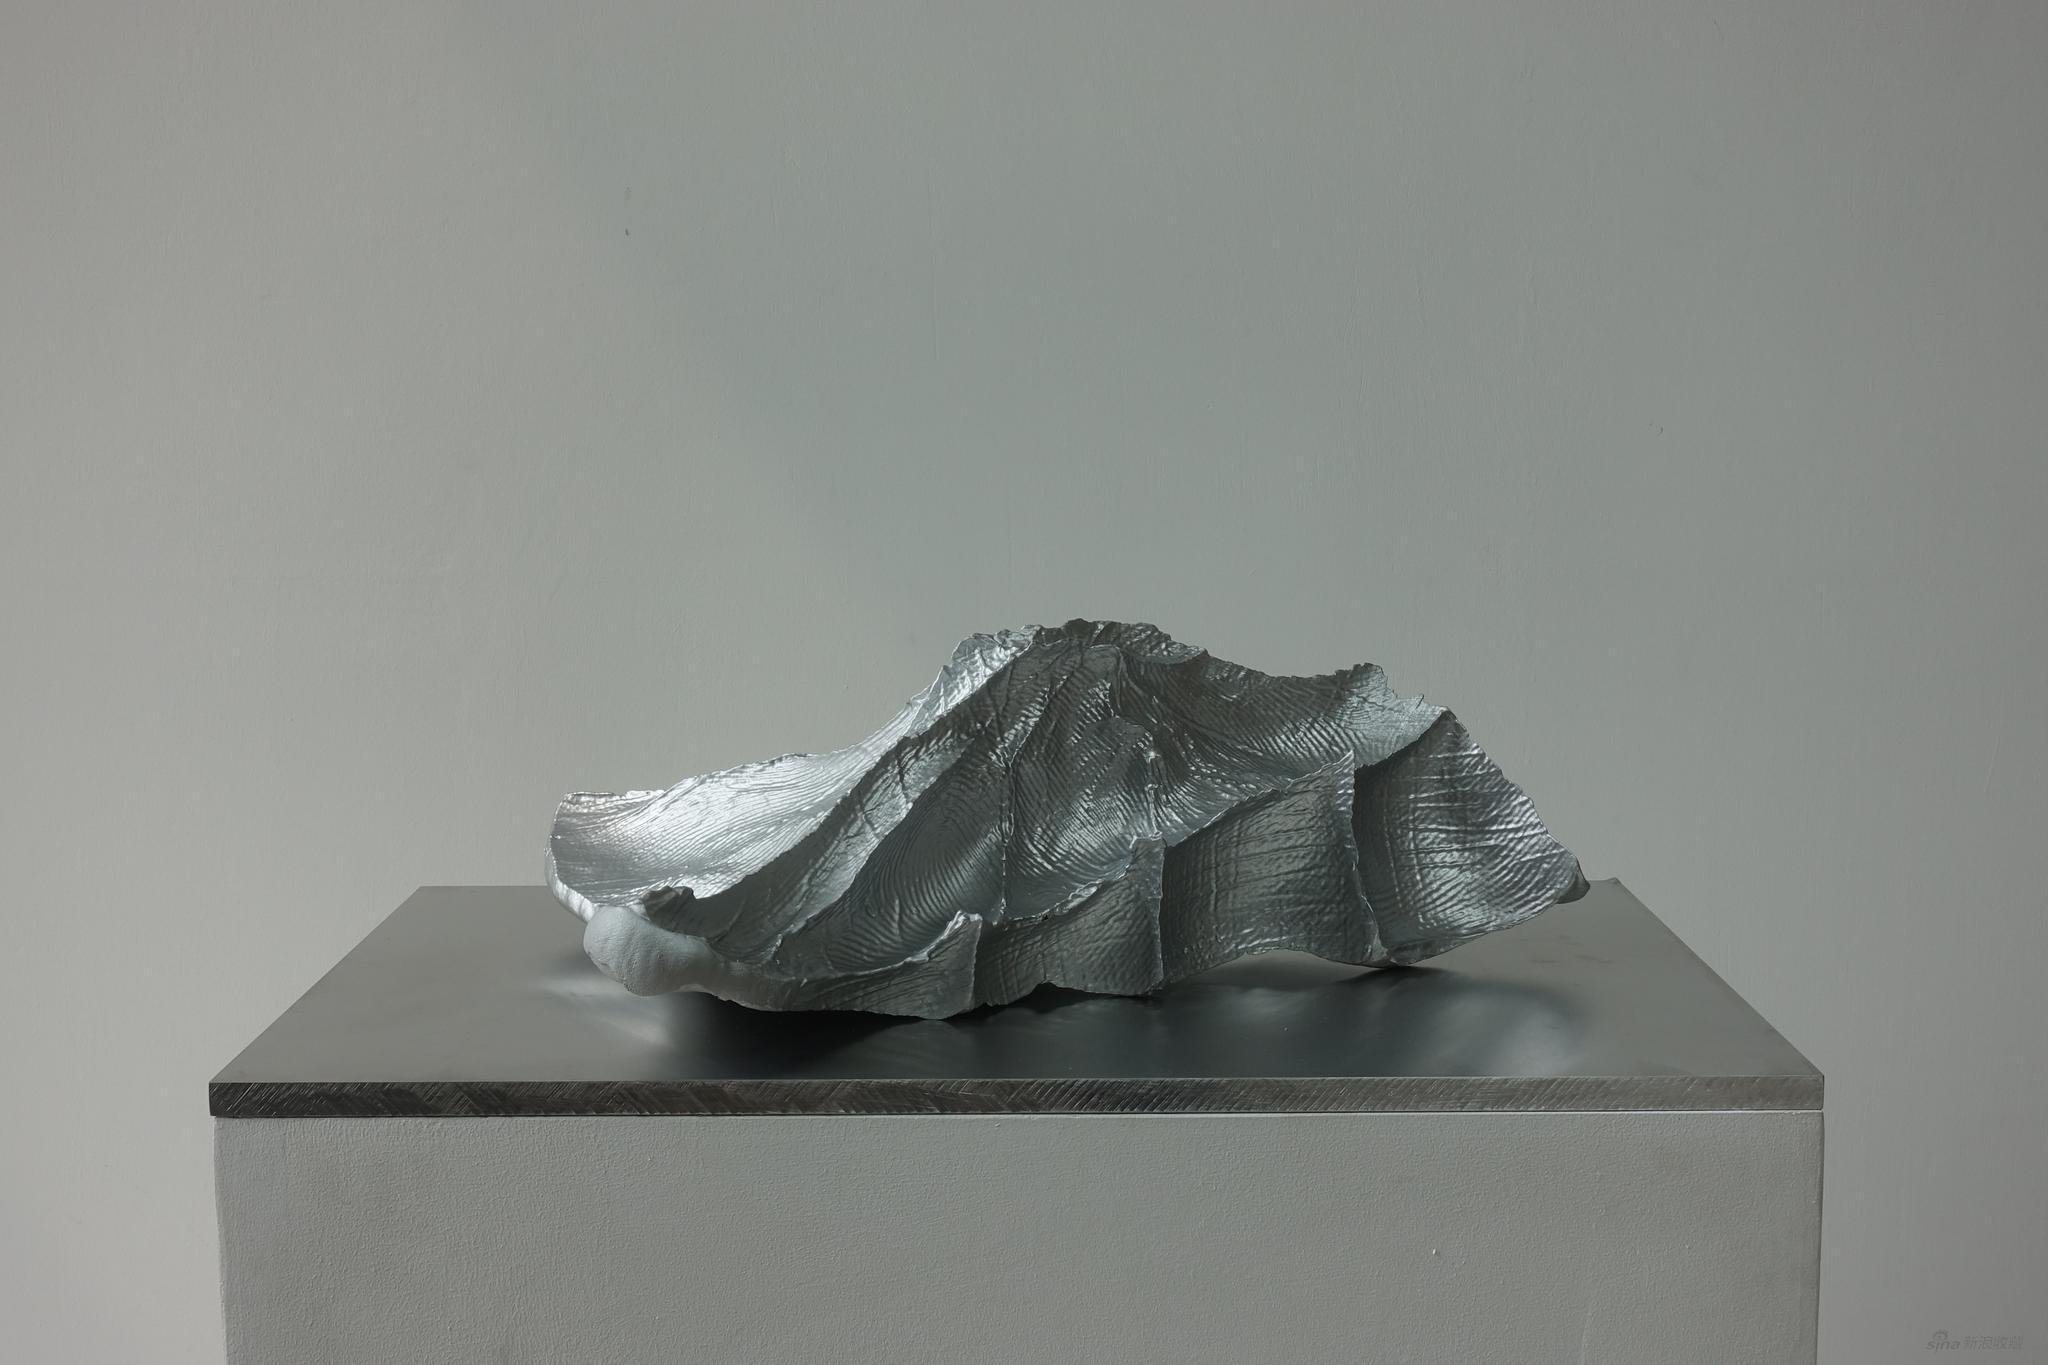 隋建国 云中花园-岛屿17#,光敏树脂3D打印,55x38x18cm,2013。